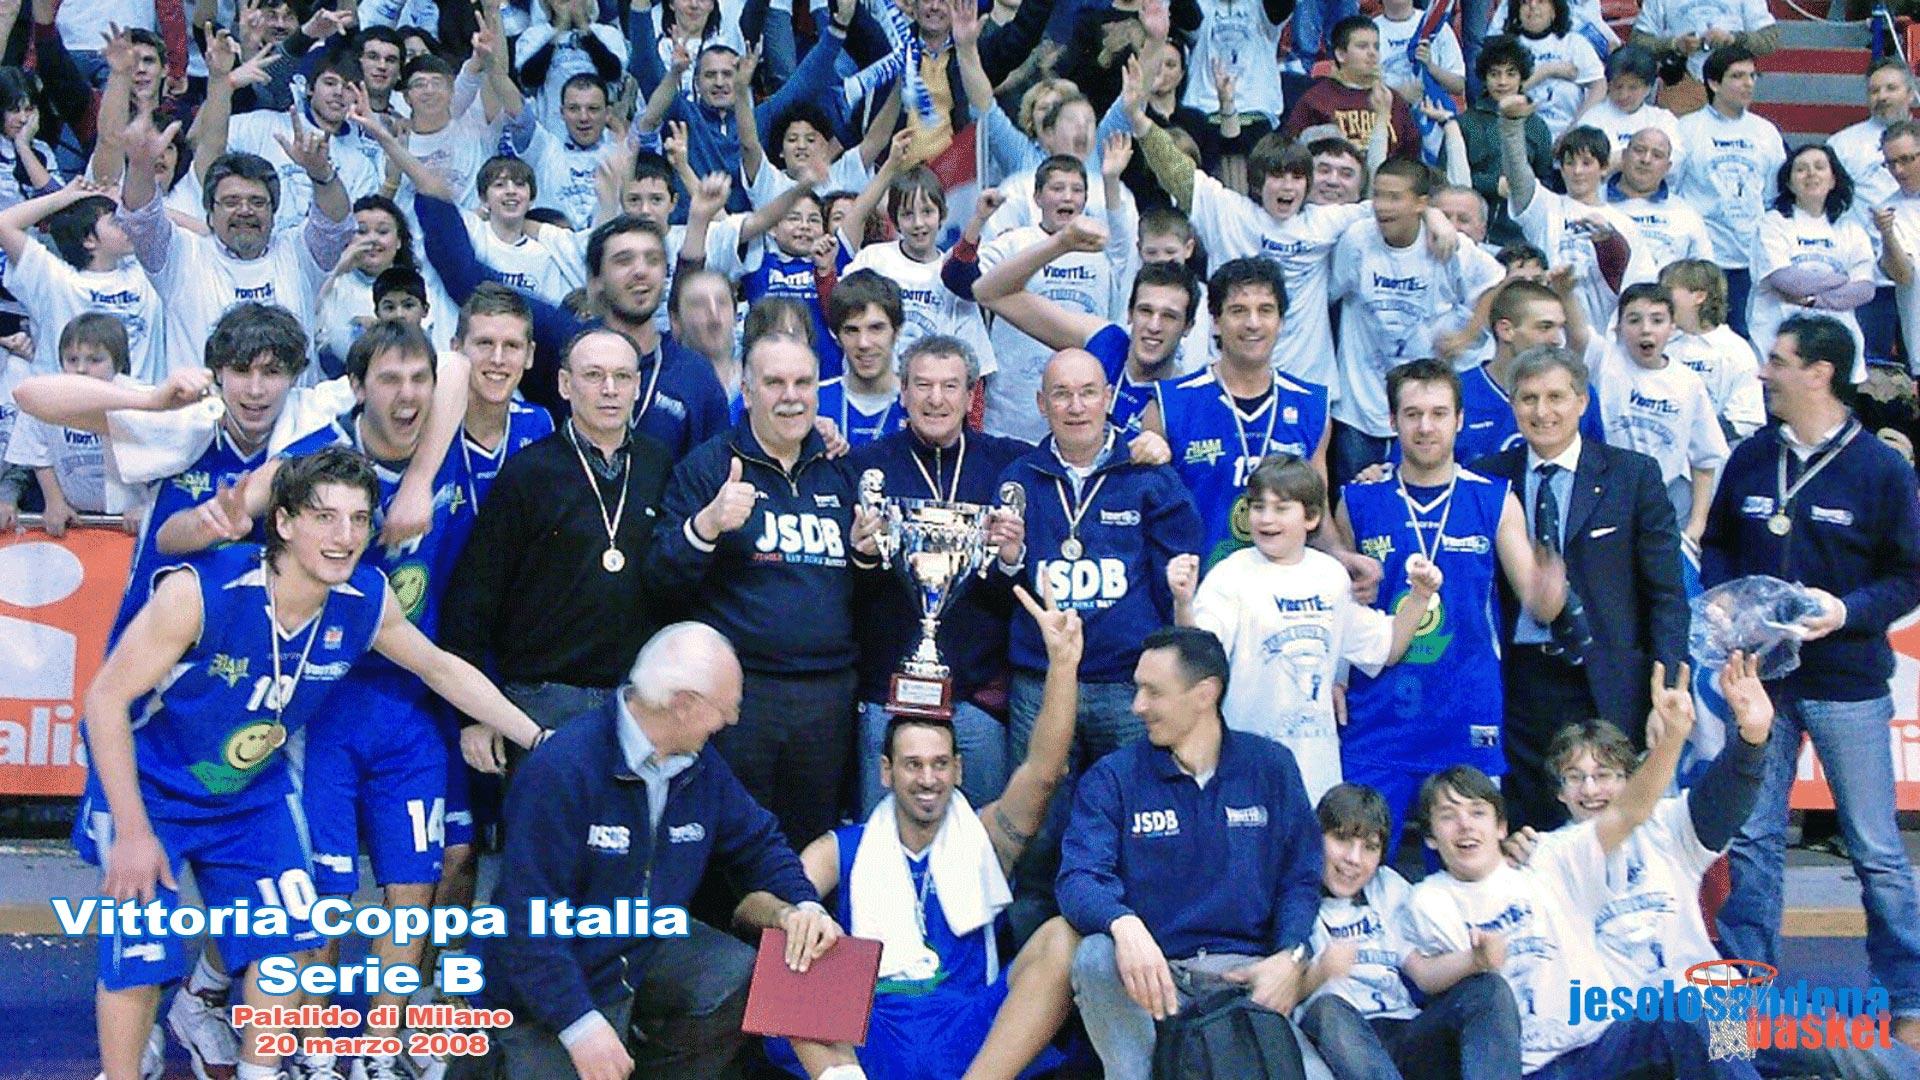 Jesolo San Donà Basket, Vittoria Coppa Italia Serie B al Palalido di Milano il 20 marzo 2008